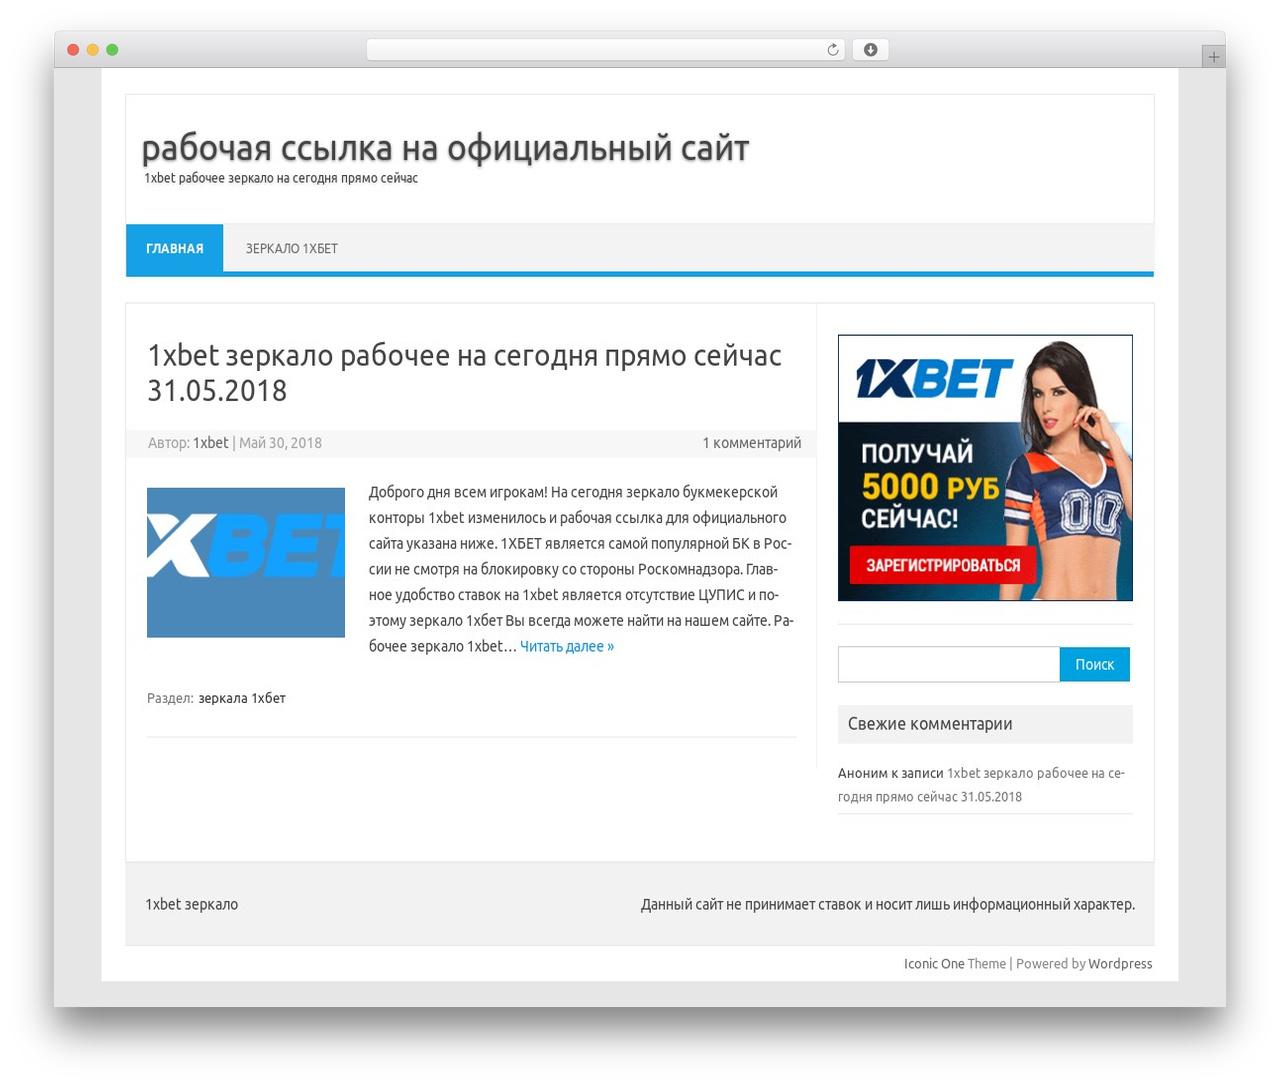 1xbet – регистрация и вход на официальный сайт букмекерской конторы